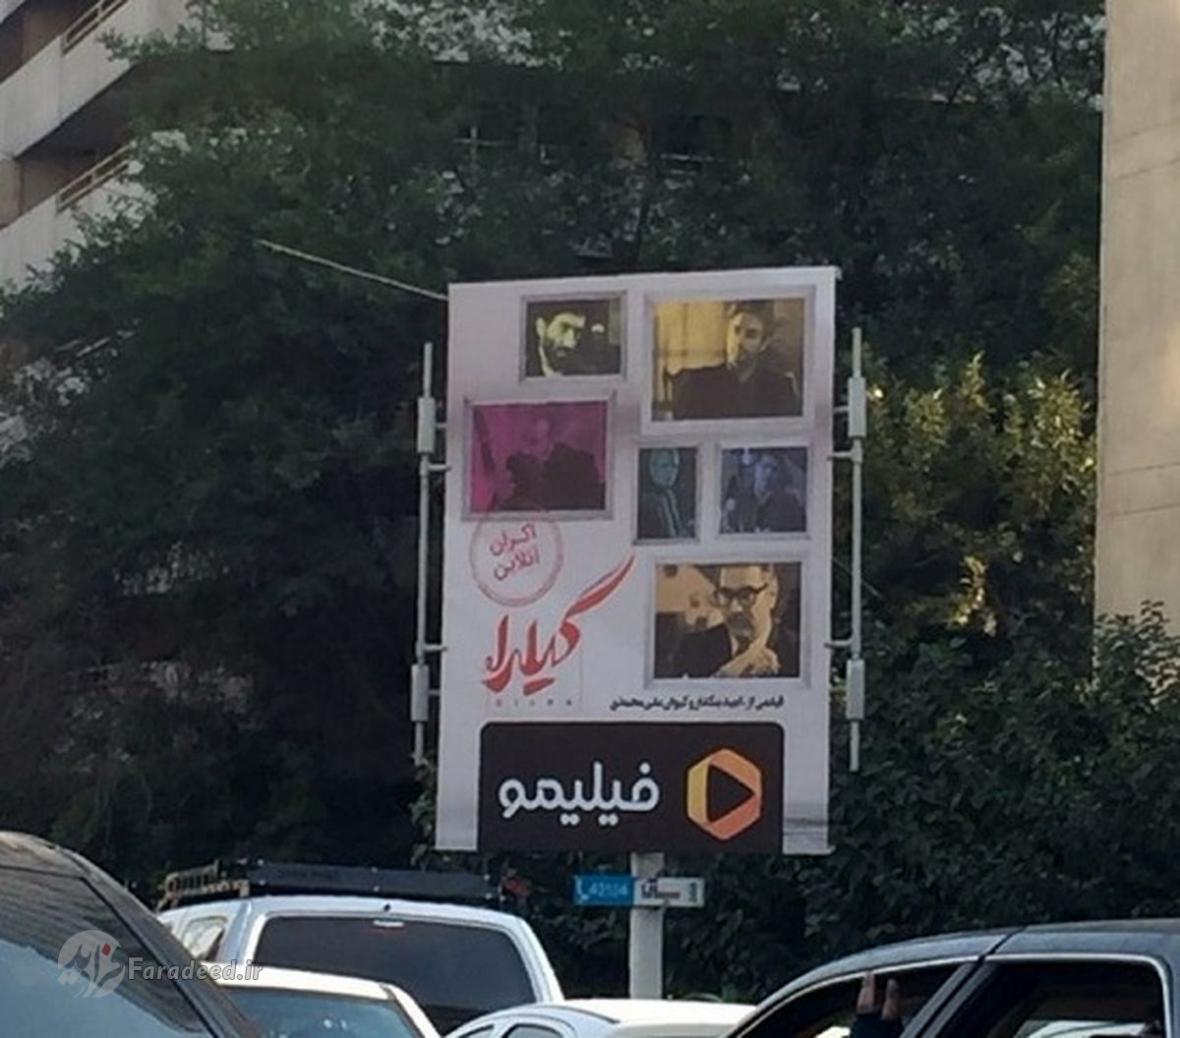 (عکس) مهناز افشار از پوستر تبلیغاتی گیلدا حذف شد